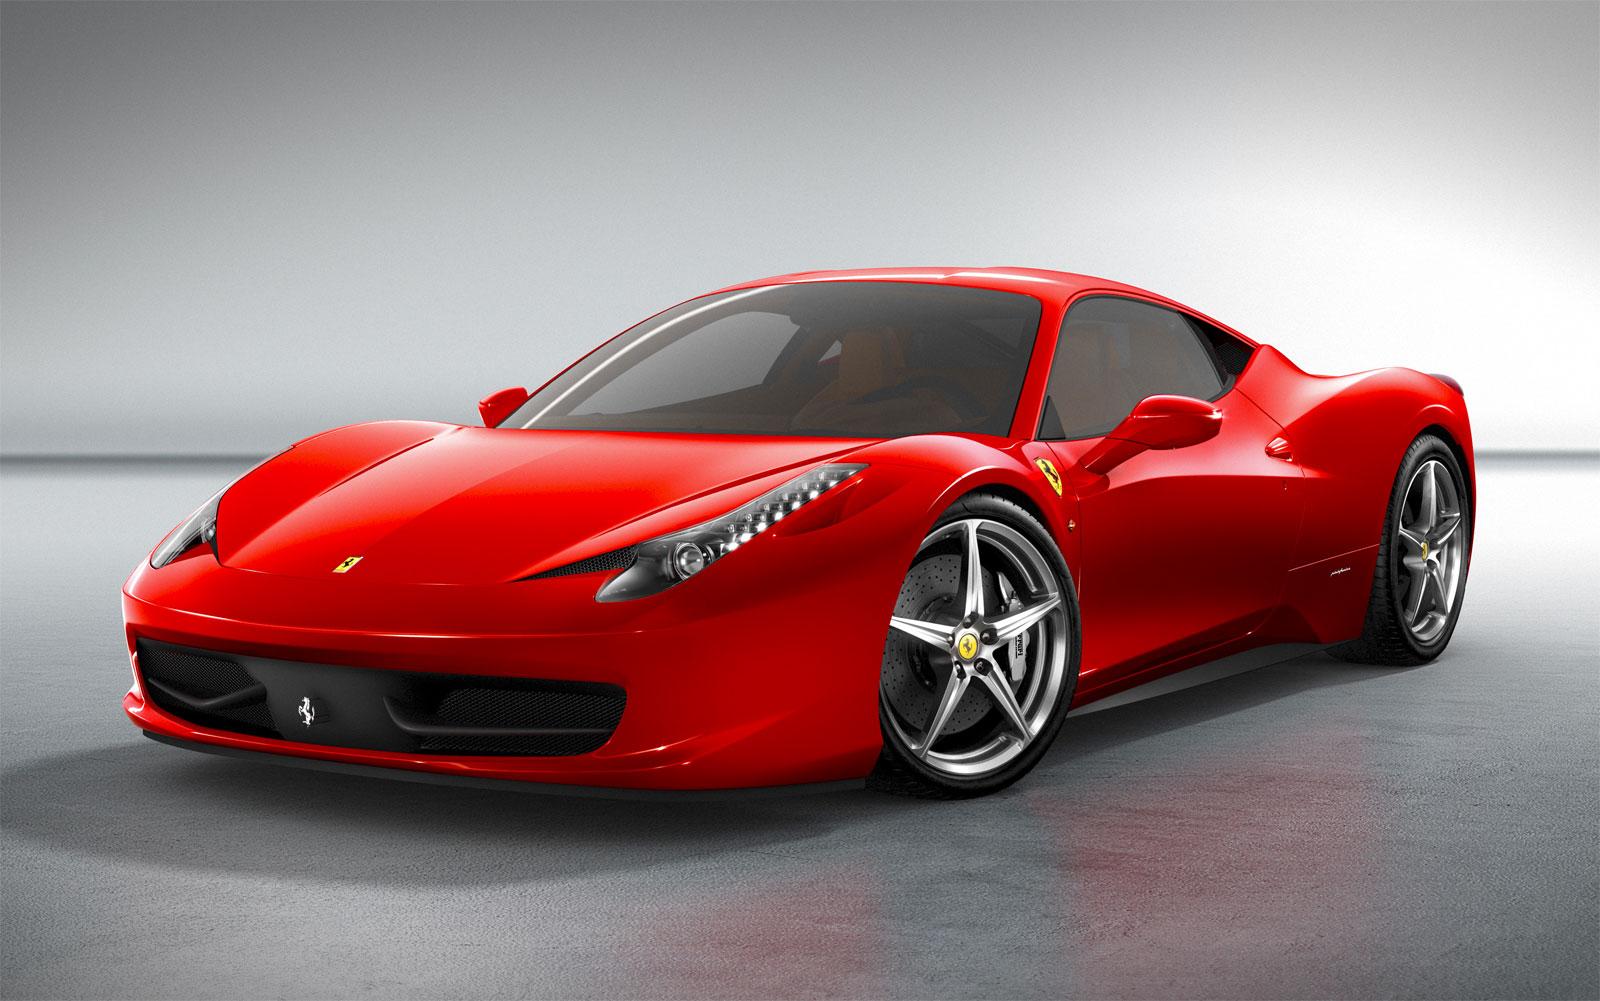 Sports Cars Wallpapers 2011: Sport Cars: Ferrari 458 Italia Hd Wallpapers 2011